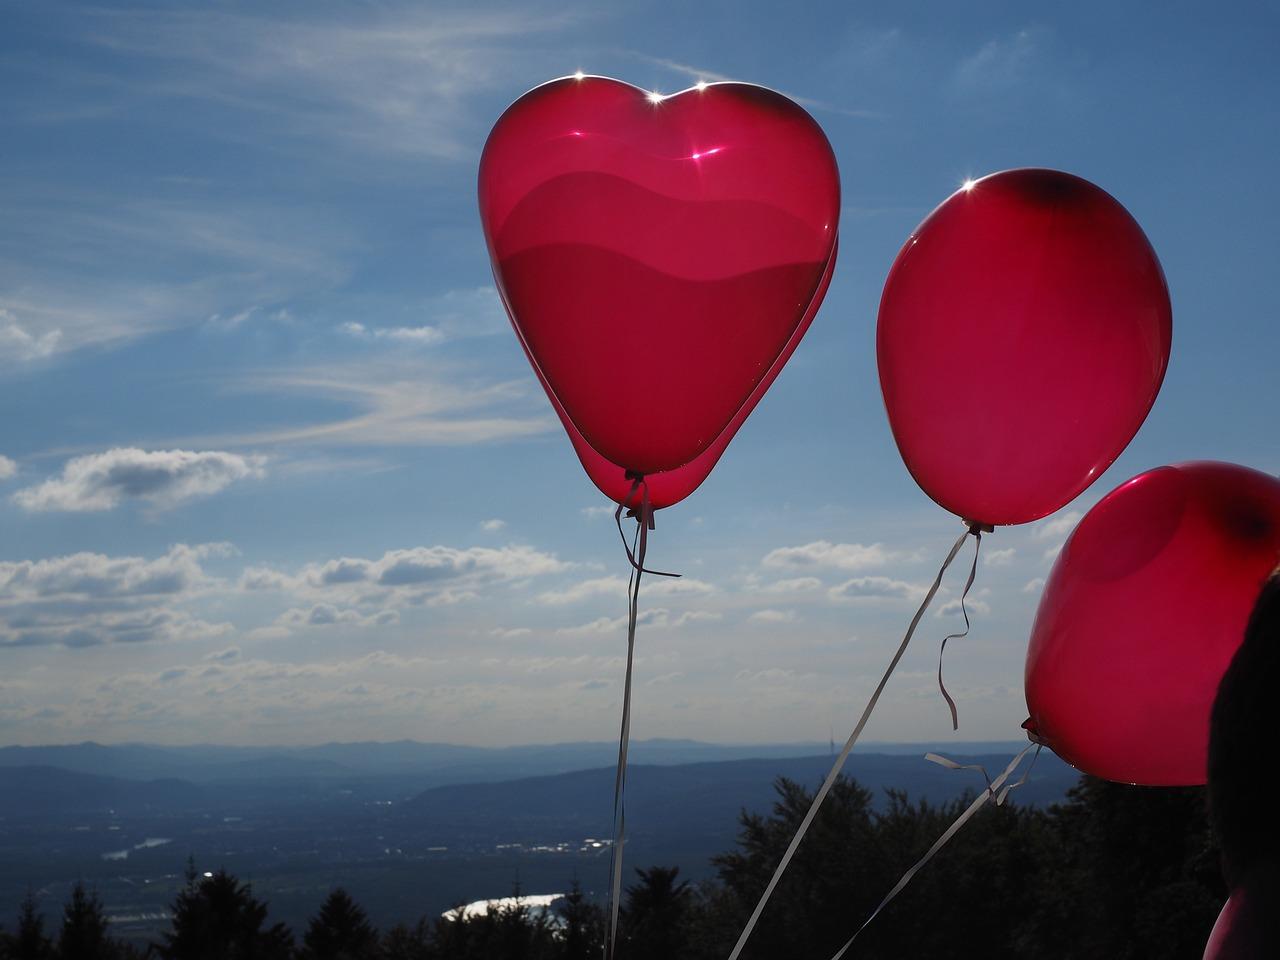 веловыездом фото воздушных шариков сердец интернет-каталоге нового света